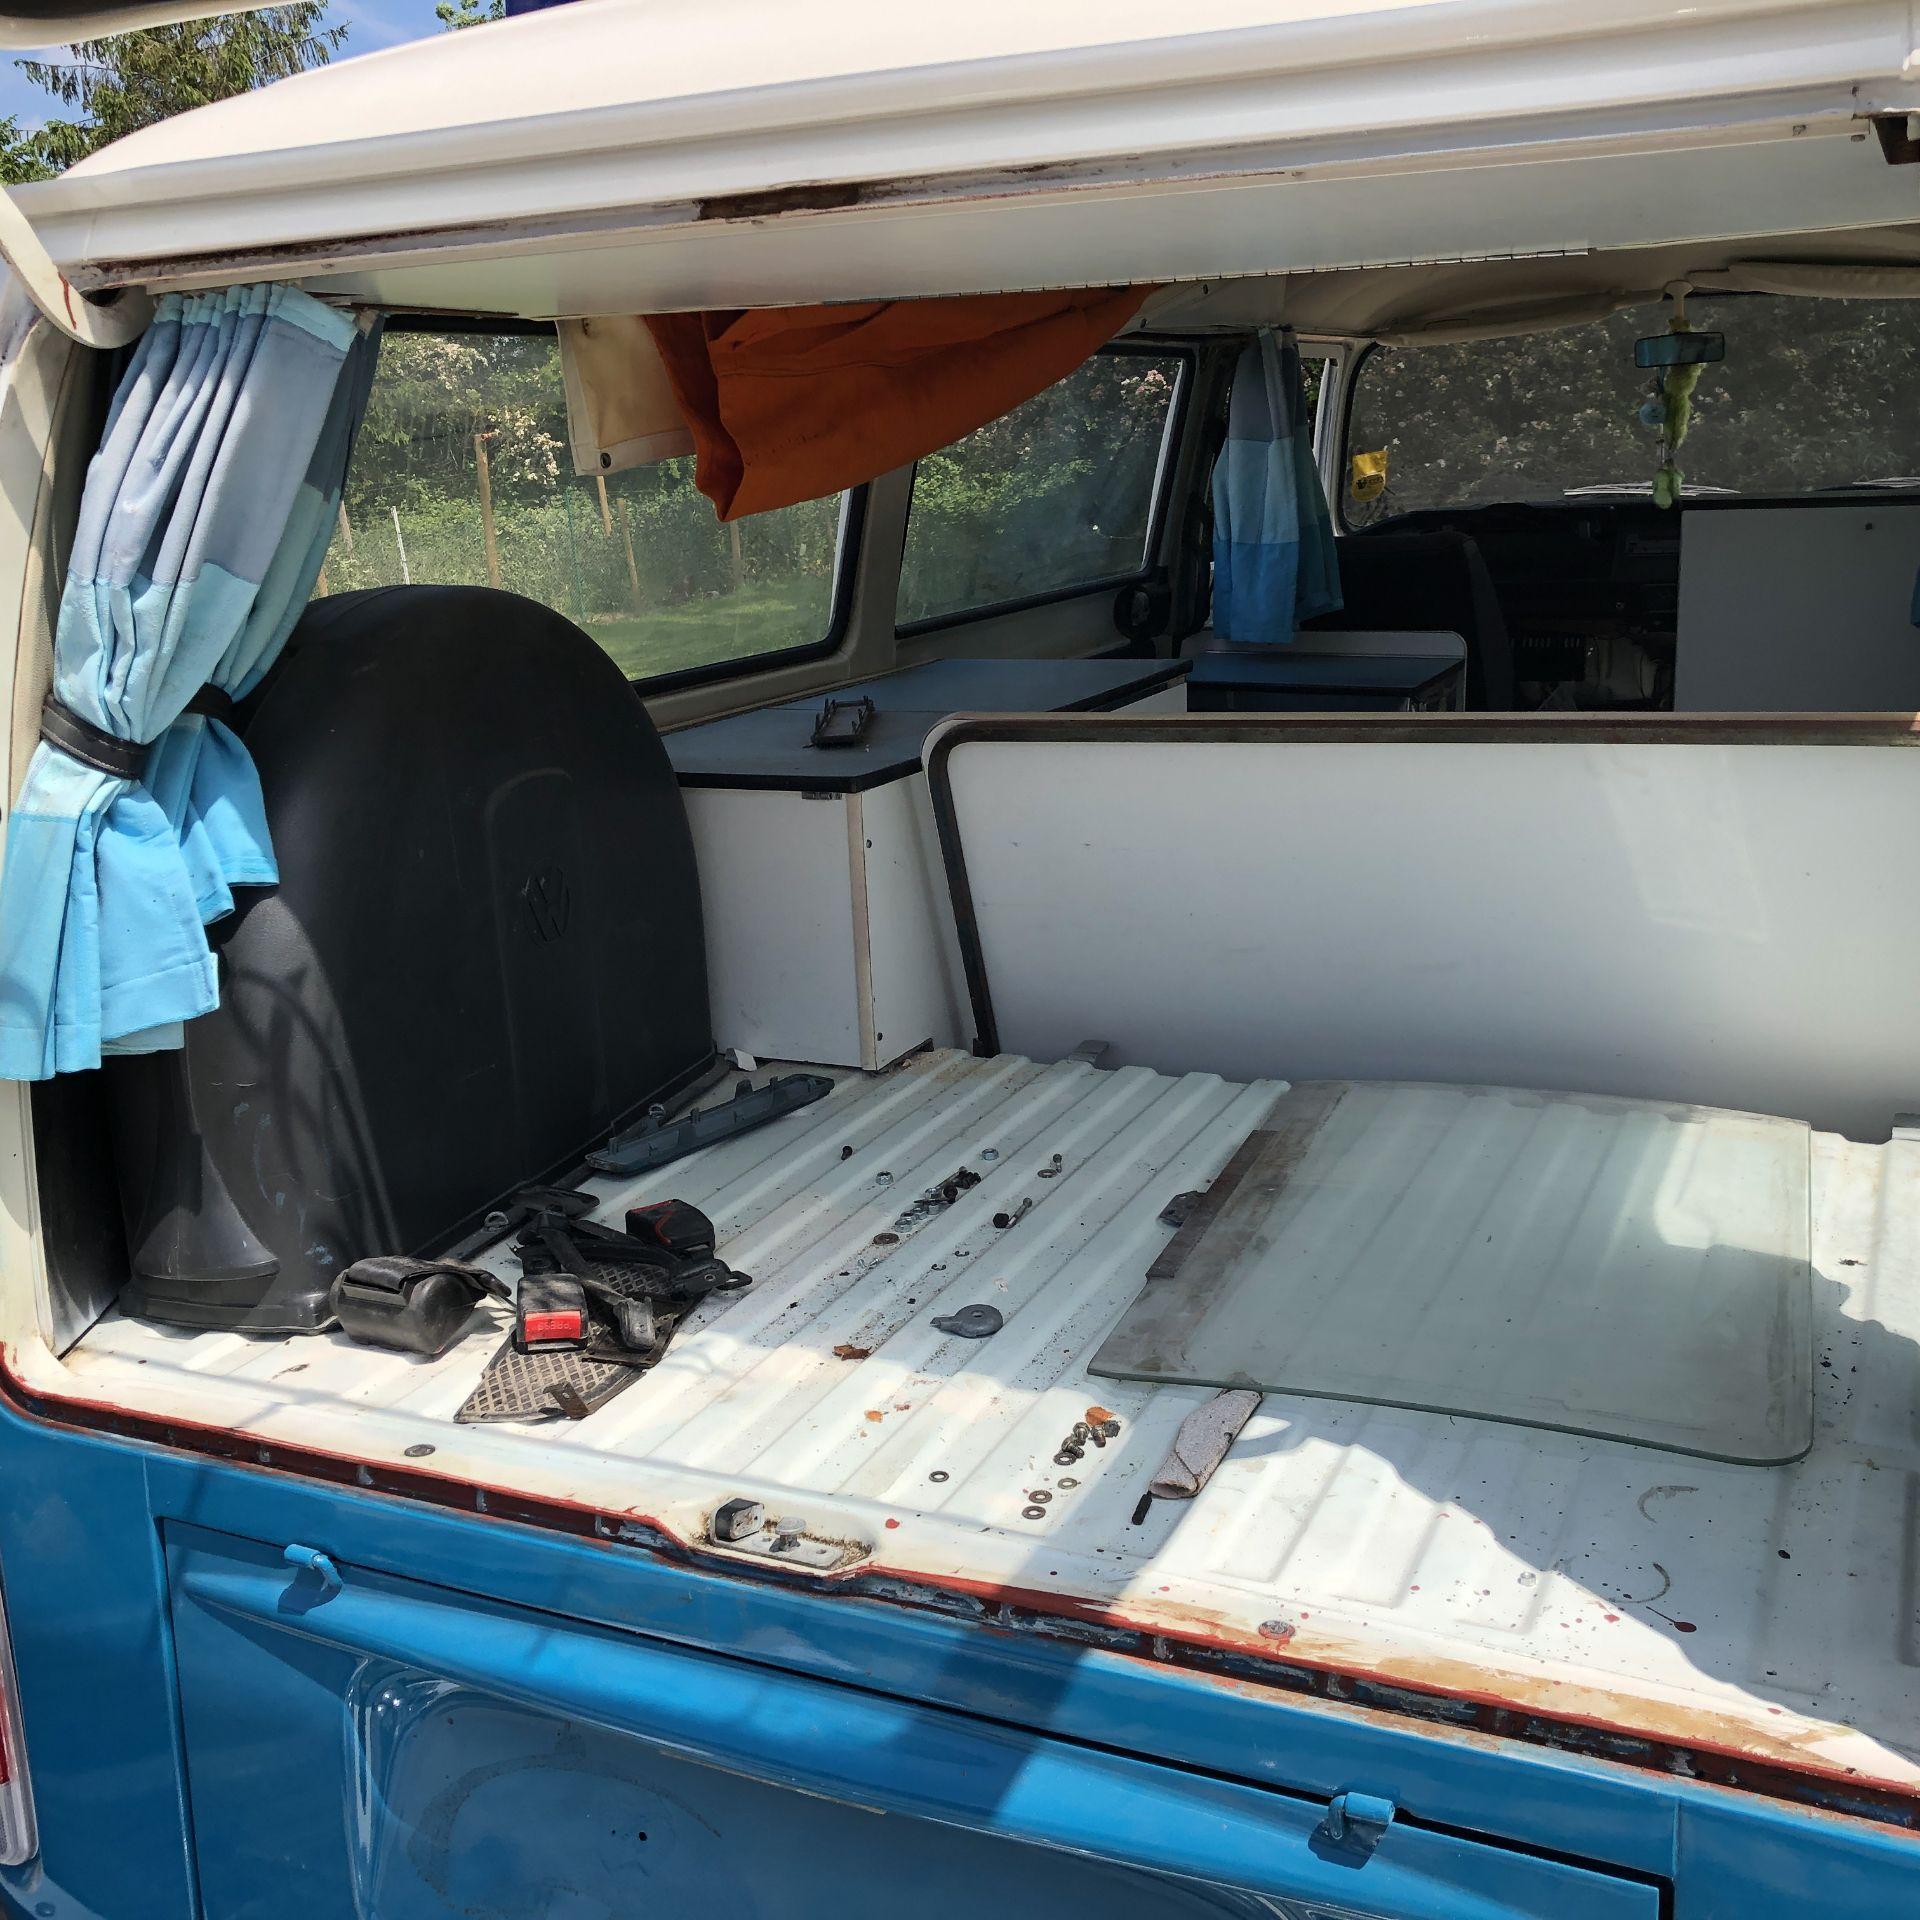 VW Microbus 8 Seater Caravanette Devon - 'Mr Blue' Petrol, Registration UMH 420S, First Registered - Image 23 of 47